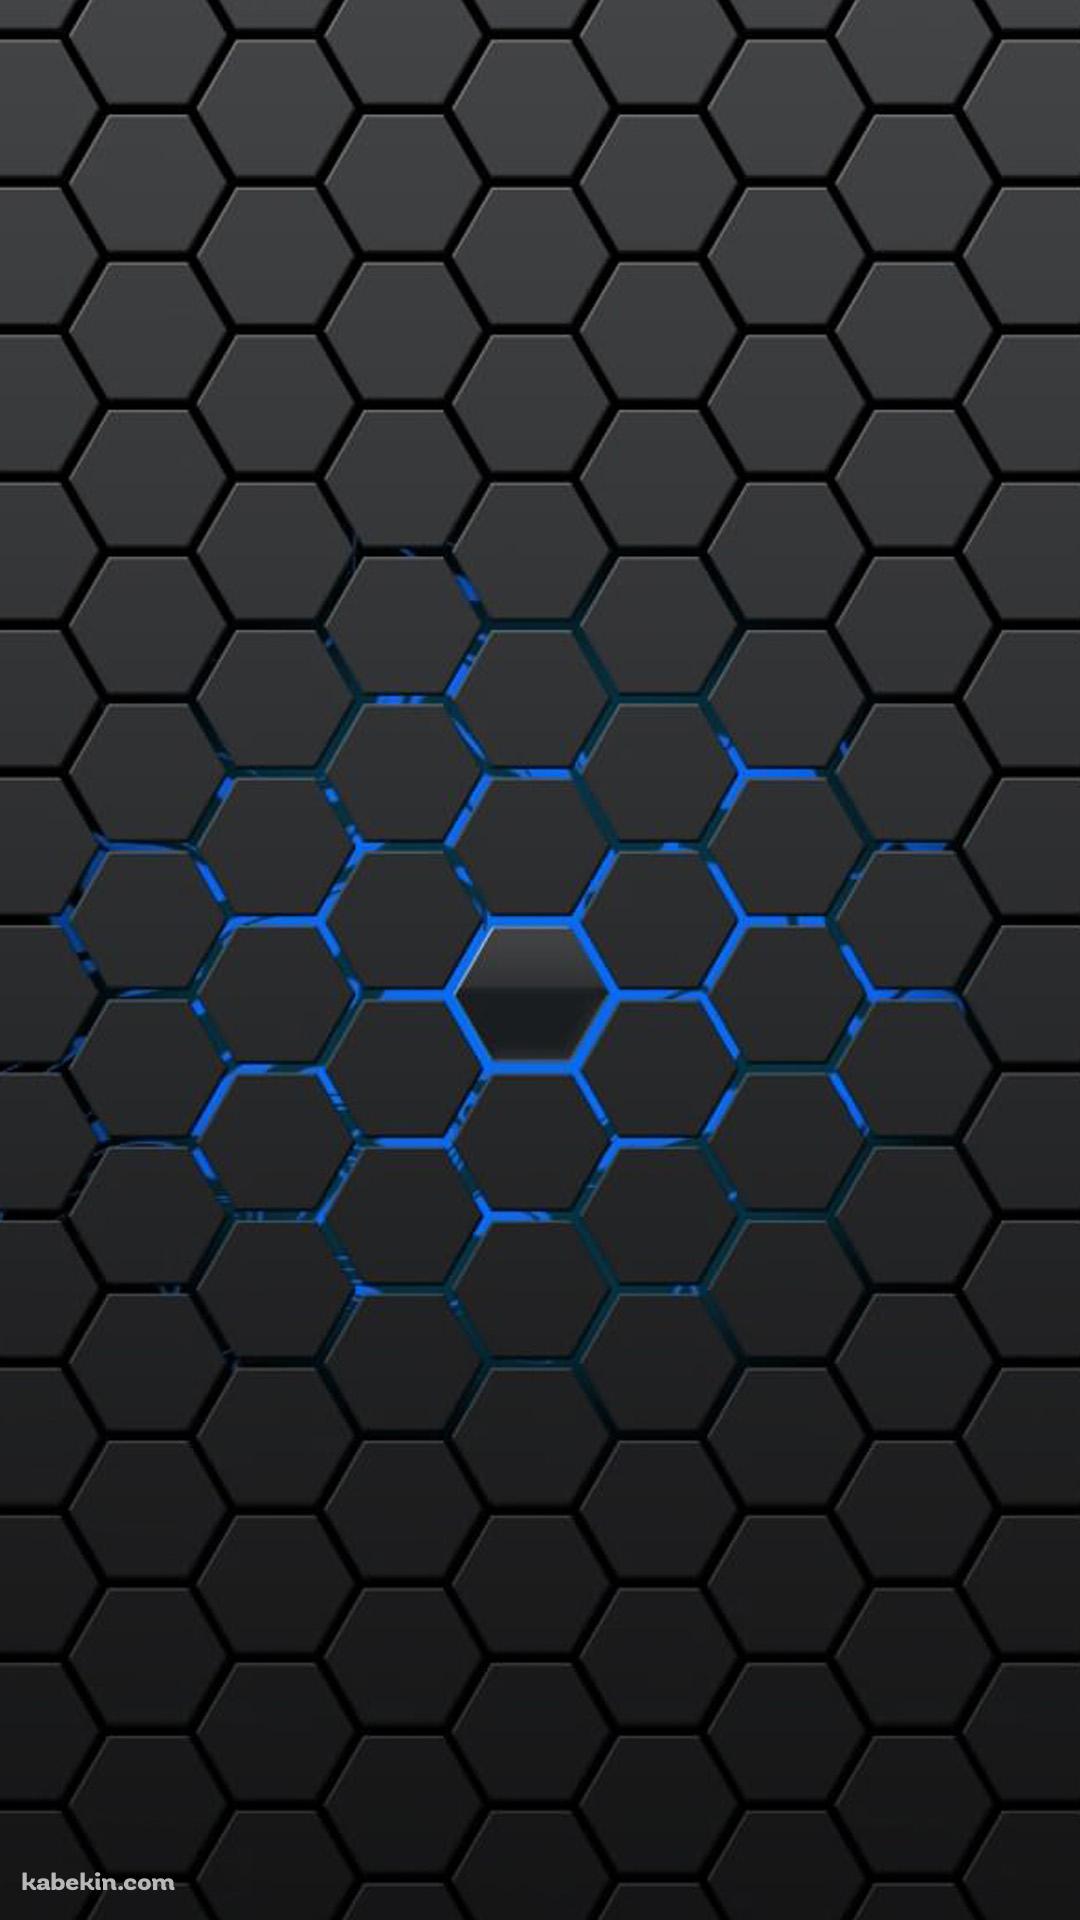 黒と青の六角形のandroid壁紙 1080 X 1920 壁紙キングダム スマホ版